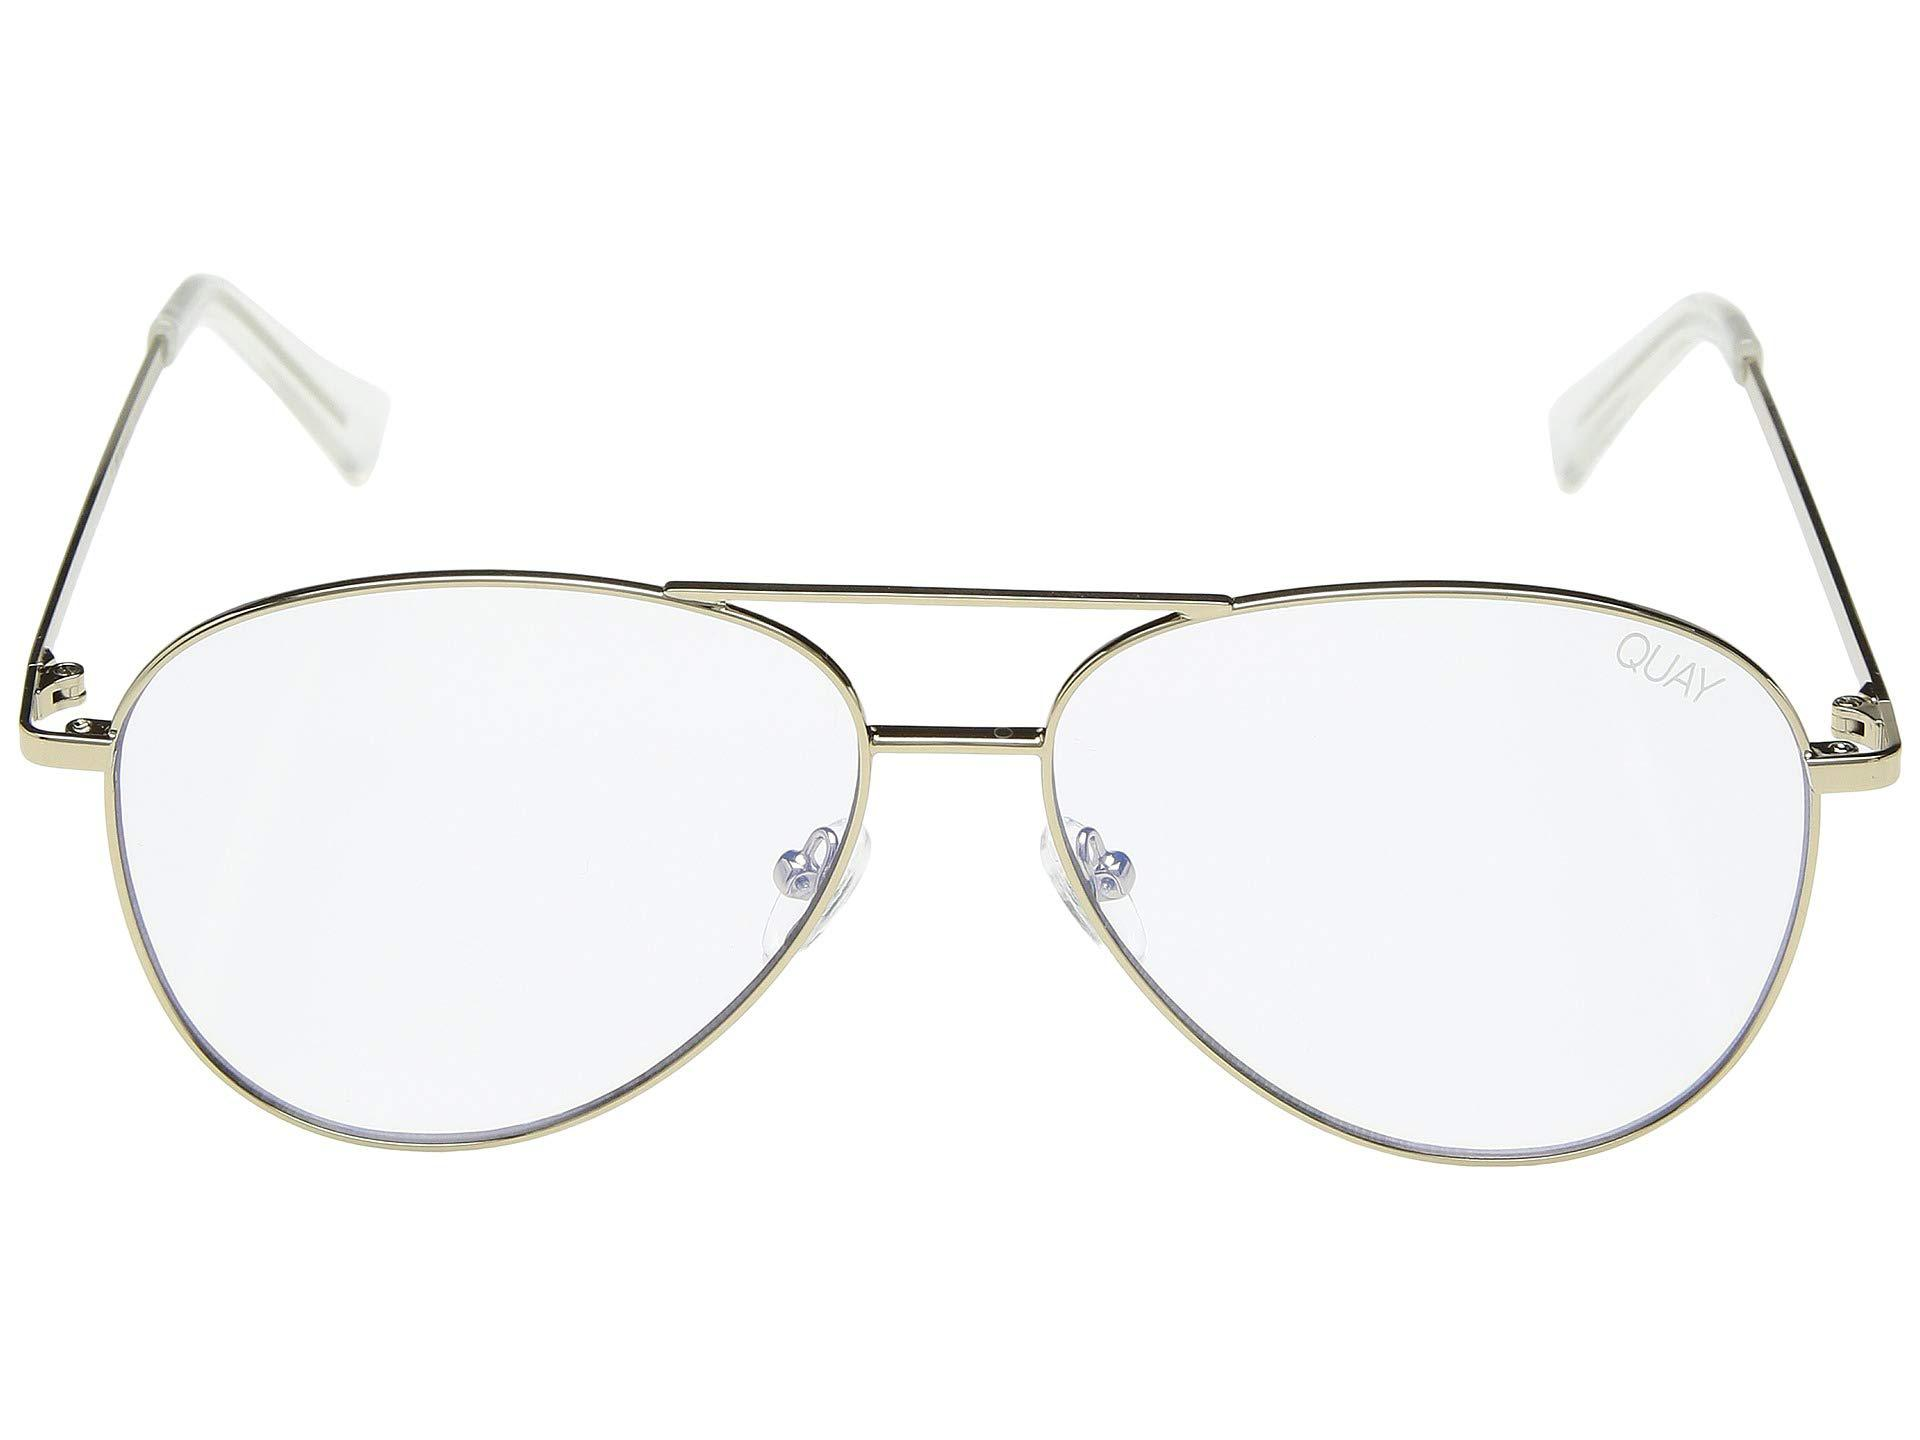 d870d6d4a2 Lyst - Quay Still Standing - Blue Light Glasses (gold clear Blue ...